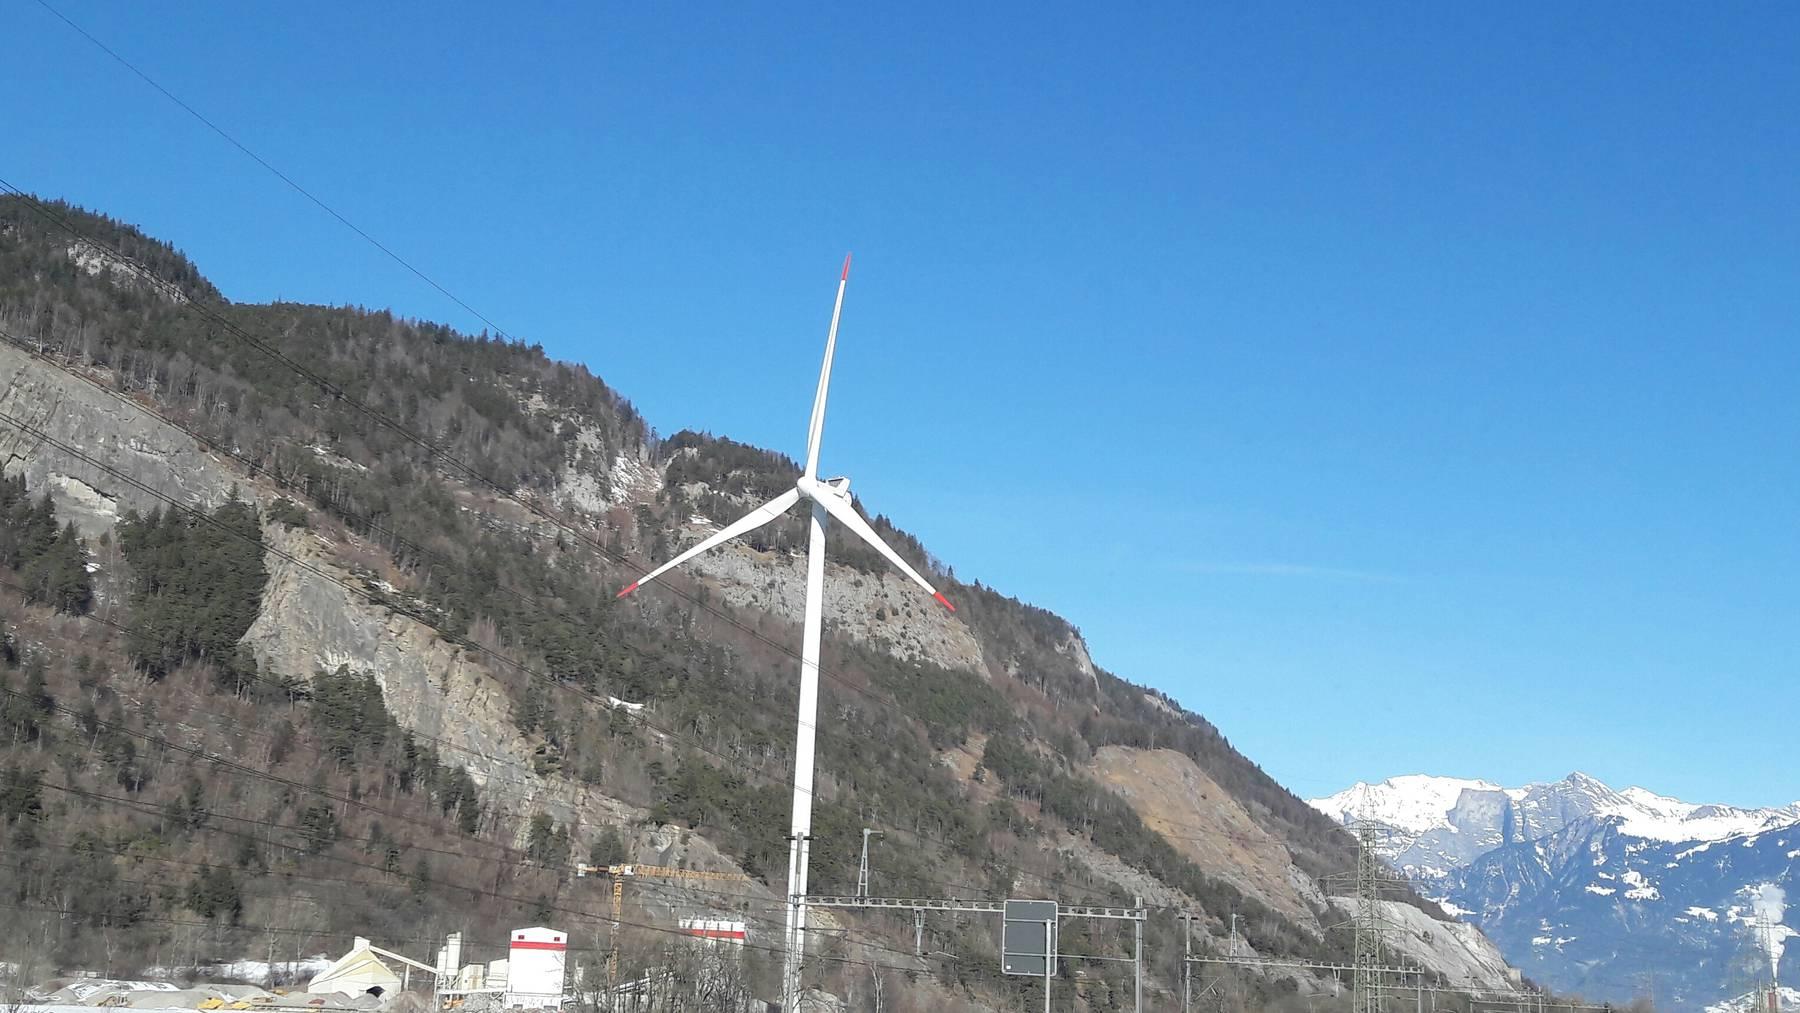 Beim Solar- und Windstrom besteht Nachholbedarf